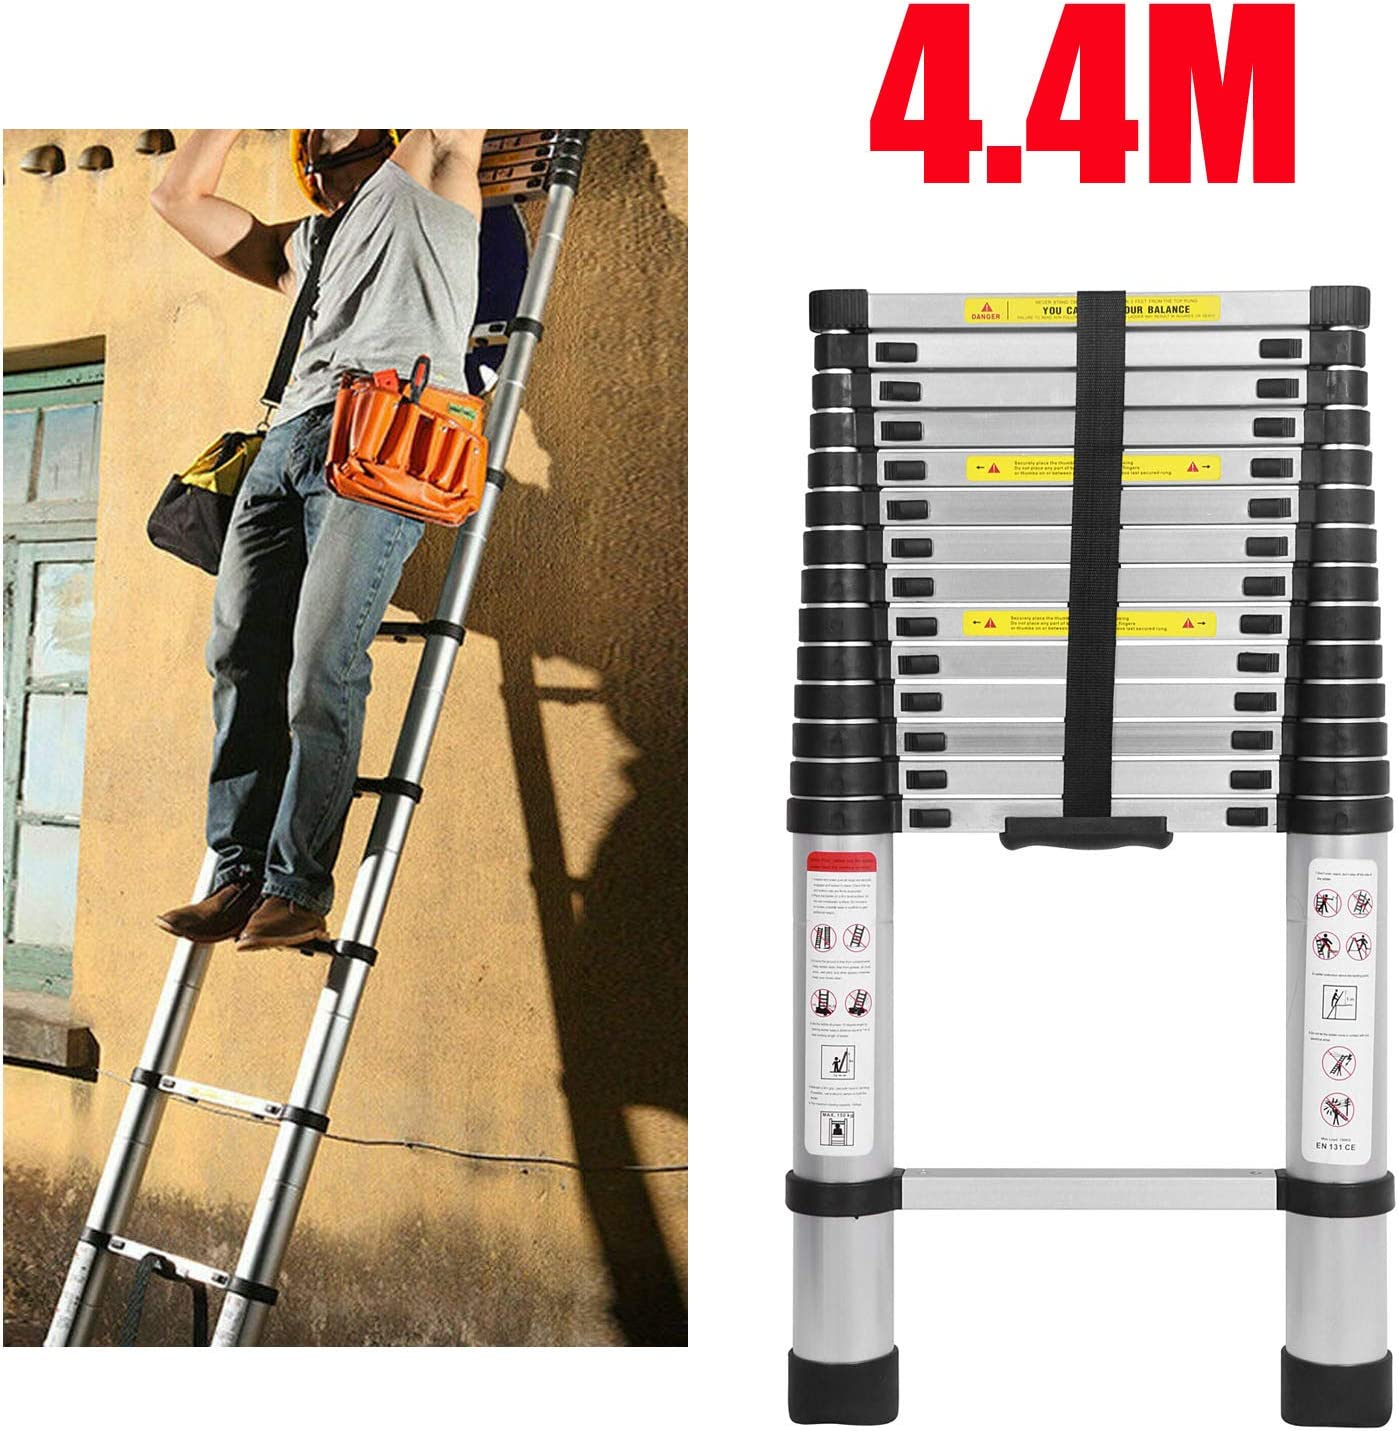 Schiebeleiter 2,6m Teleskopleiter Alu-Klappleiter Mehrzweckleiter Rutschfester Ausziehbare Robust Stehleiter 150 kg//330 Pfund Belastbarkeit